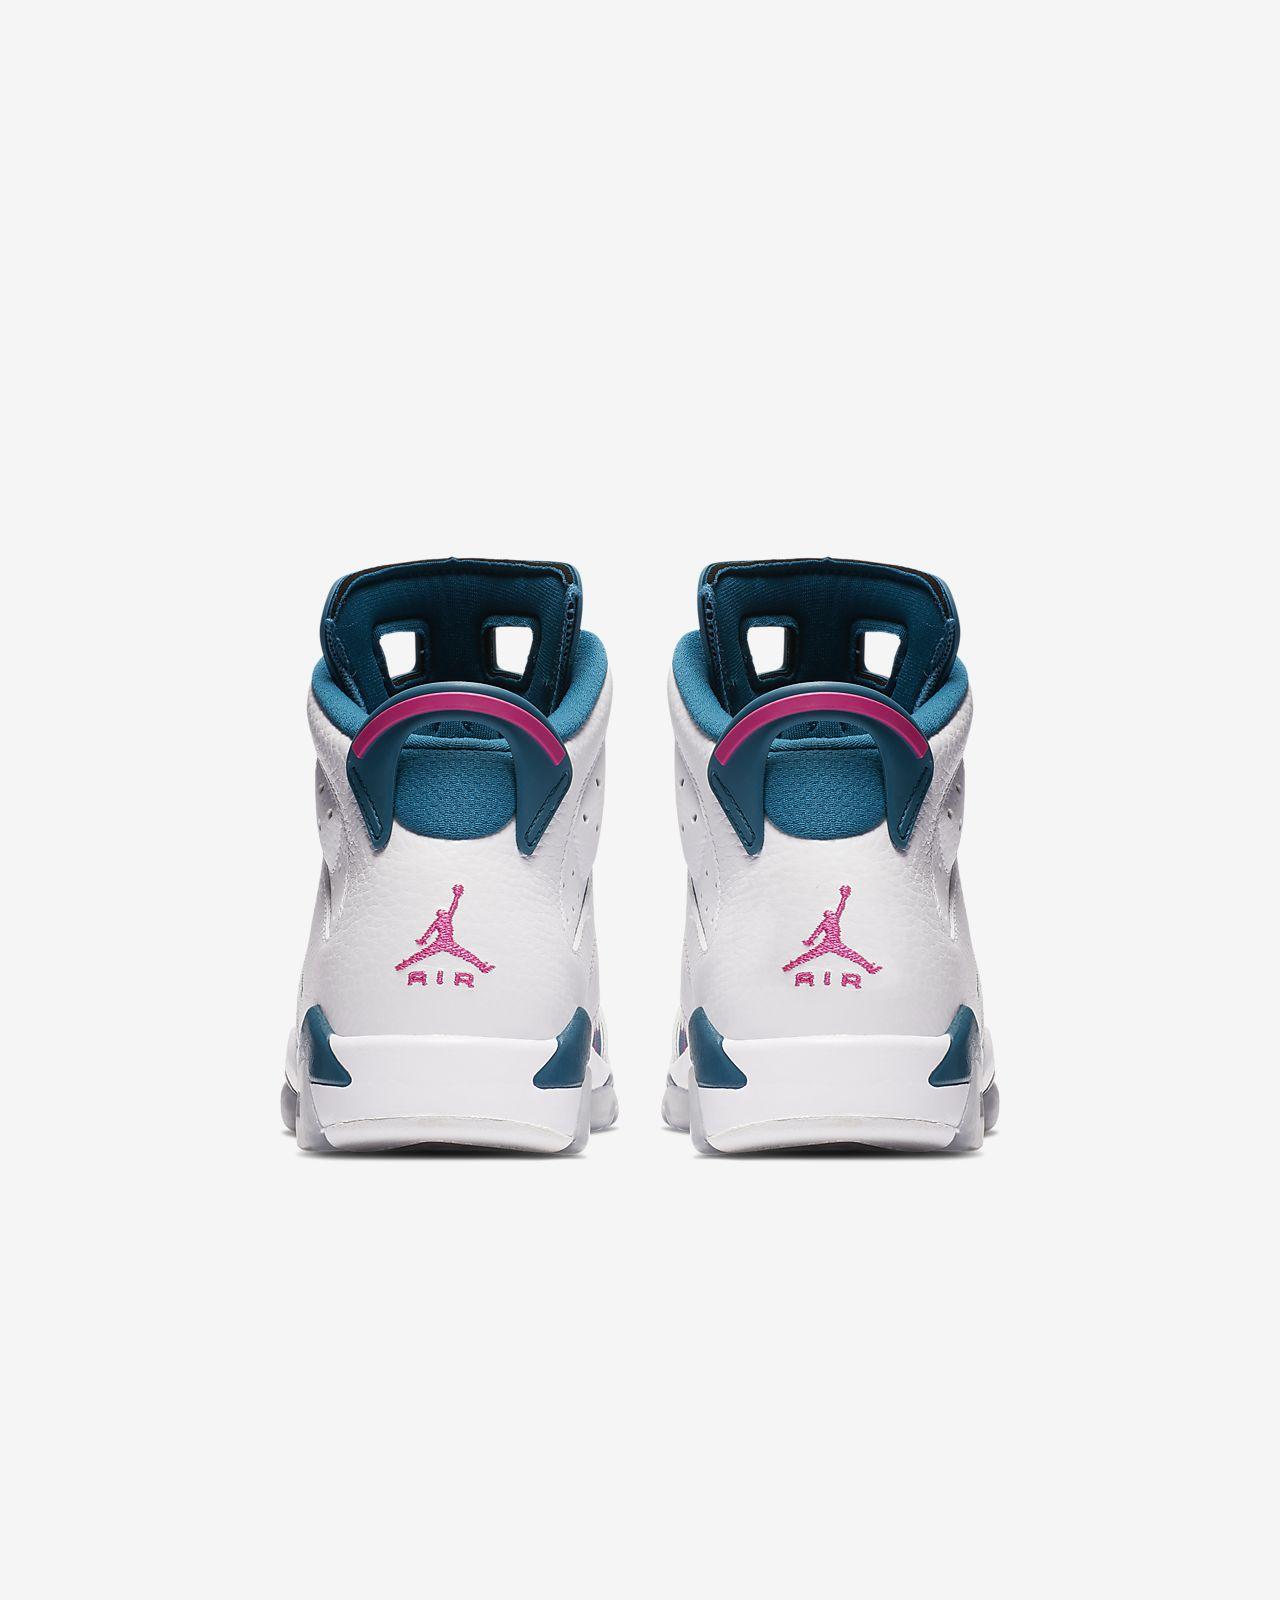 141df9130cd8 Air Jordan Retro 6 Big Kids  Shoe. Nike.com